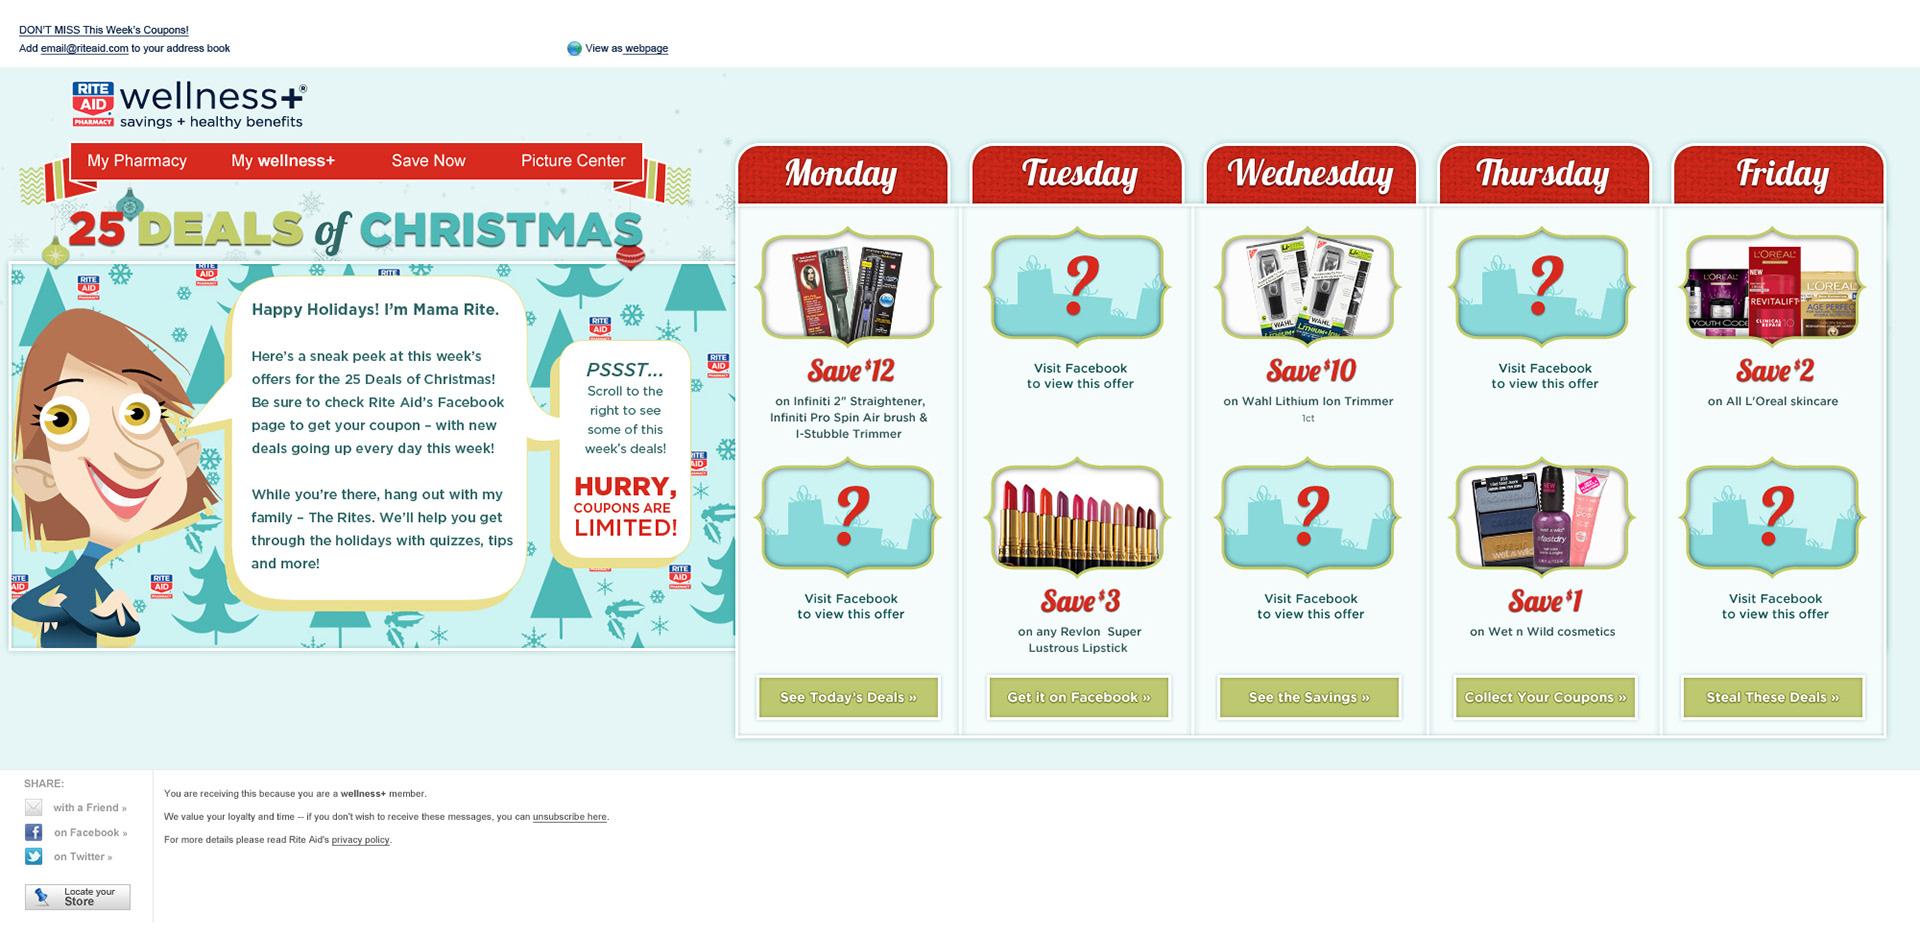 Elizabeth Sanchez - 25 Deals of Christmas - Rite Aid